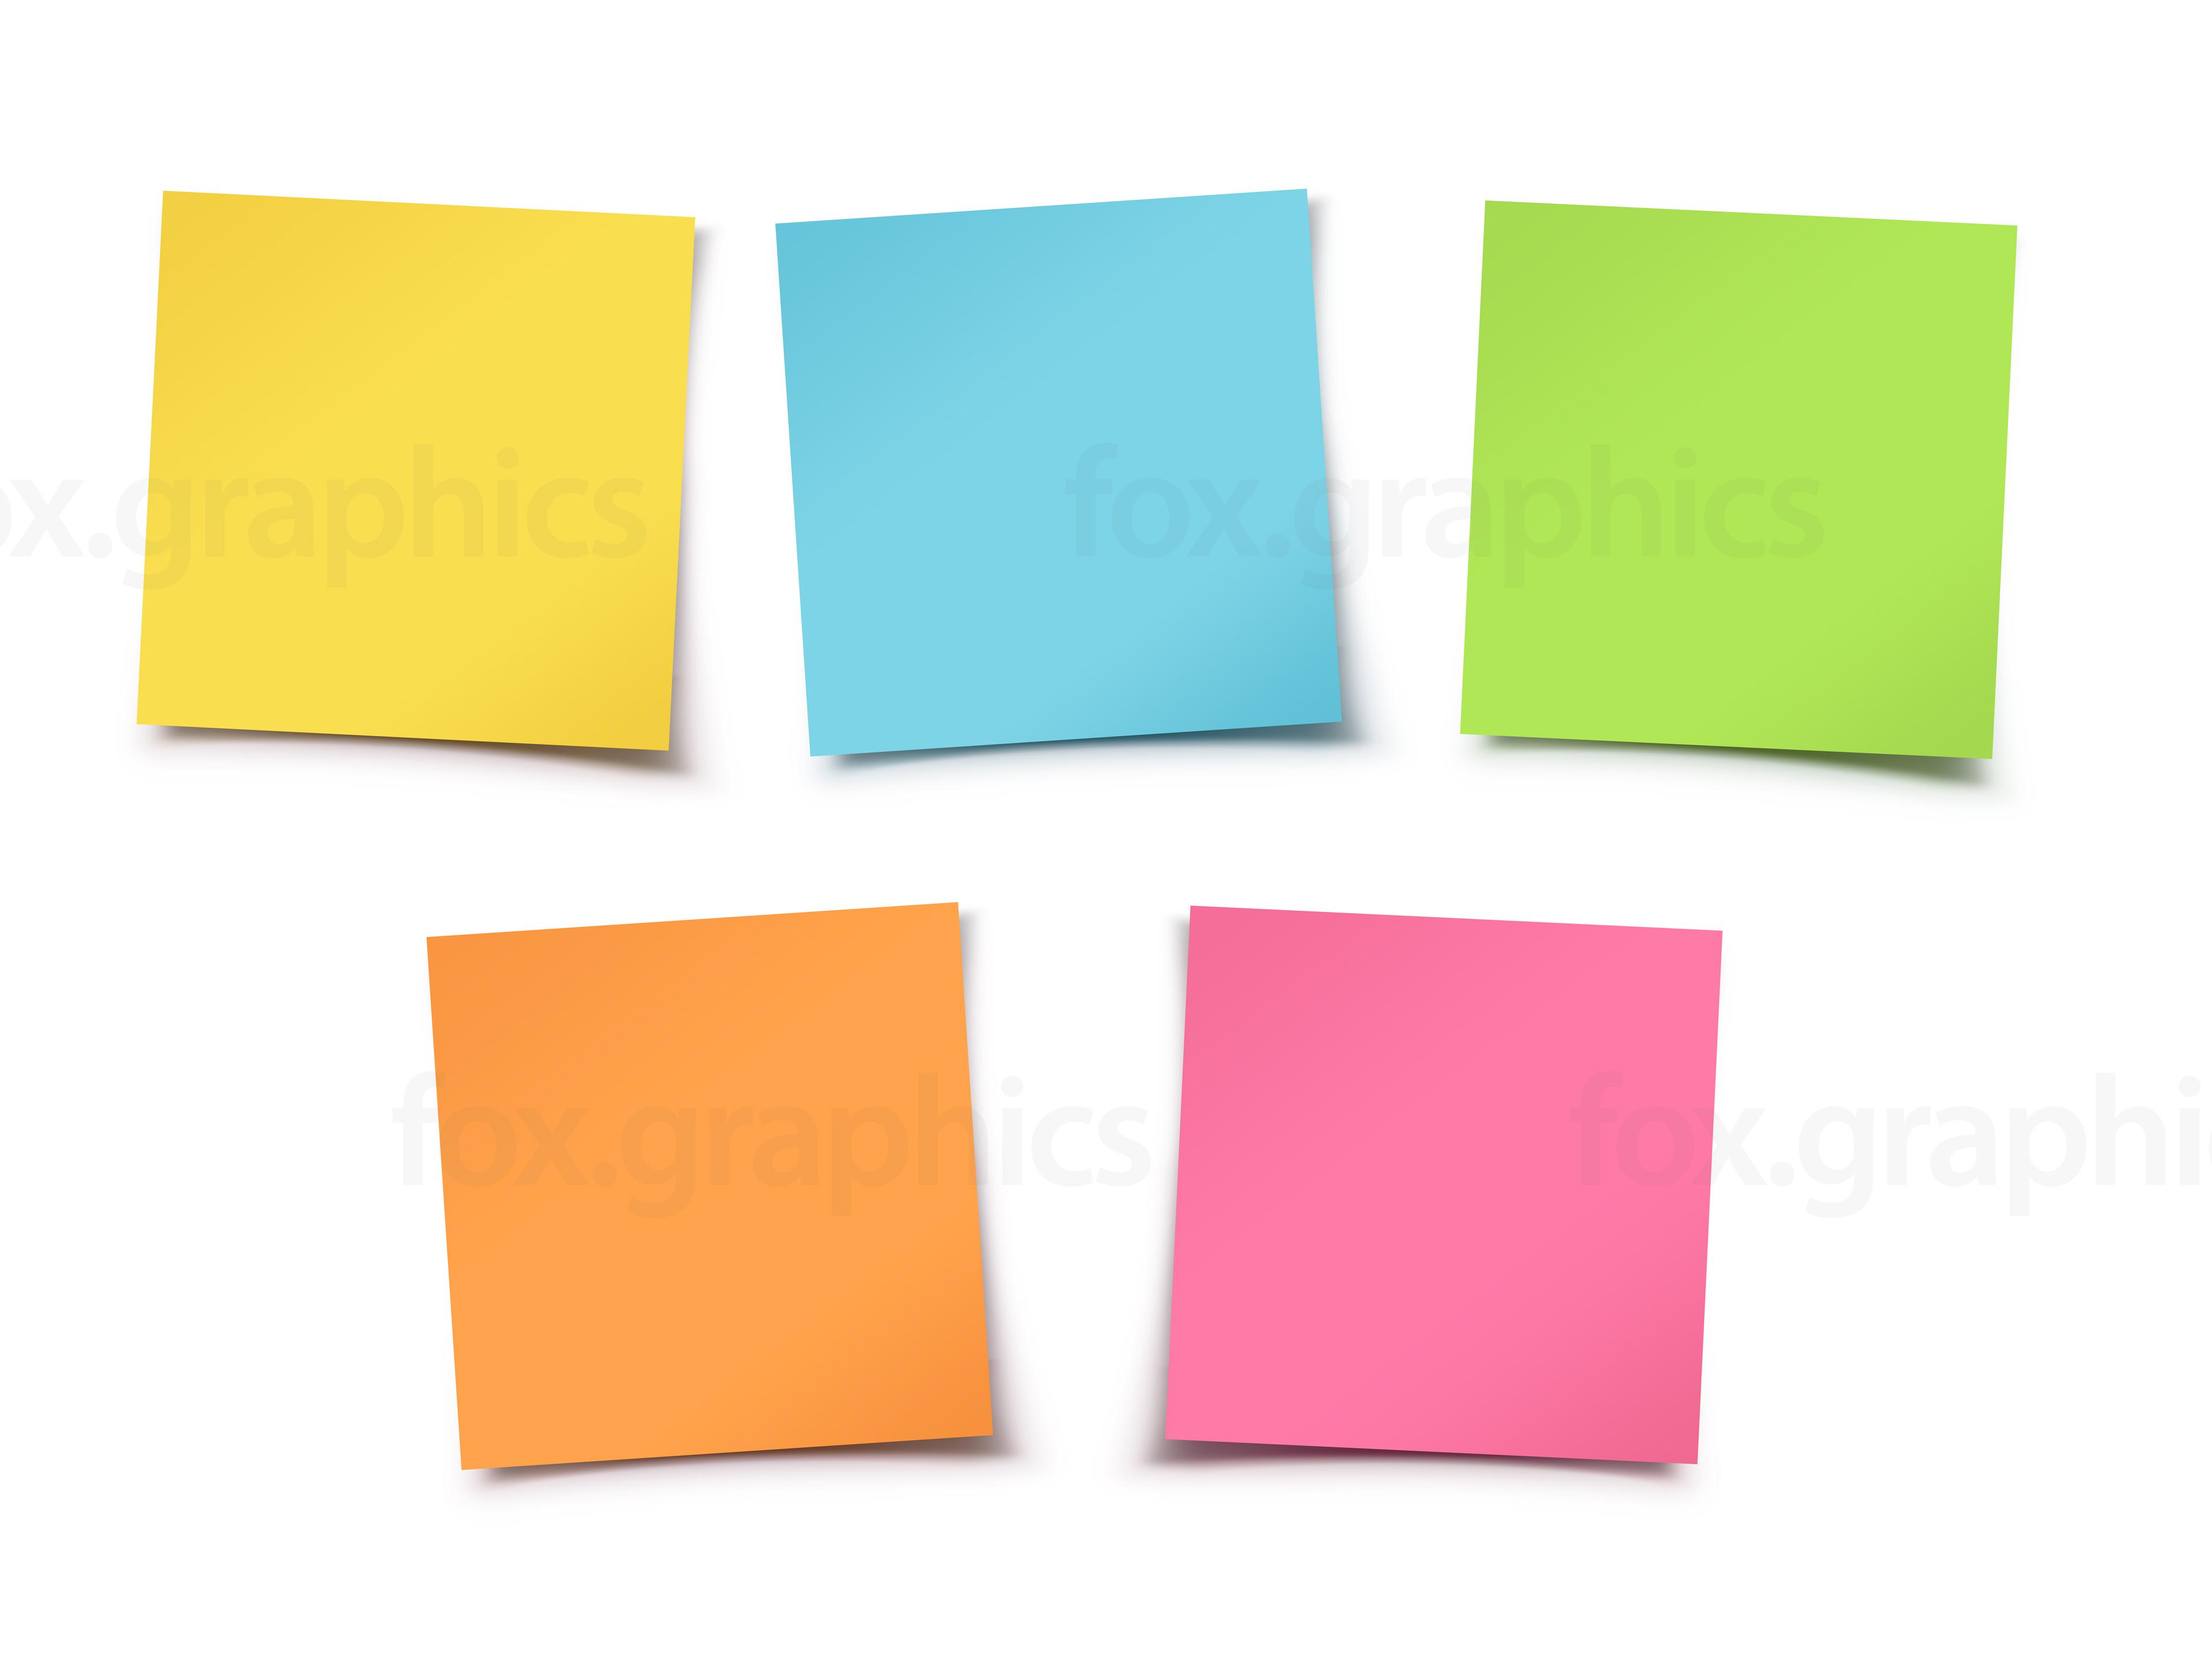 Sticky notes - Stickynotes HD PNG